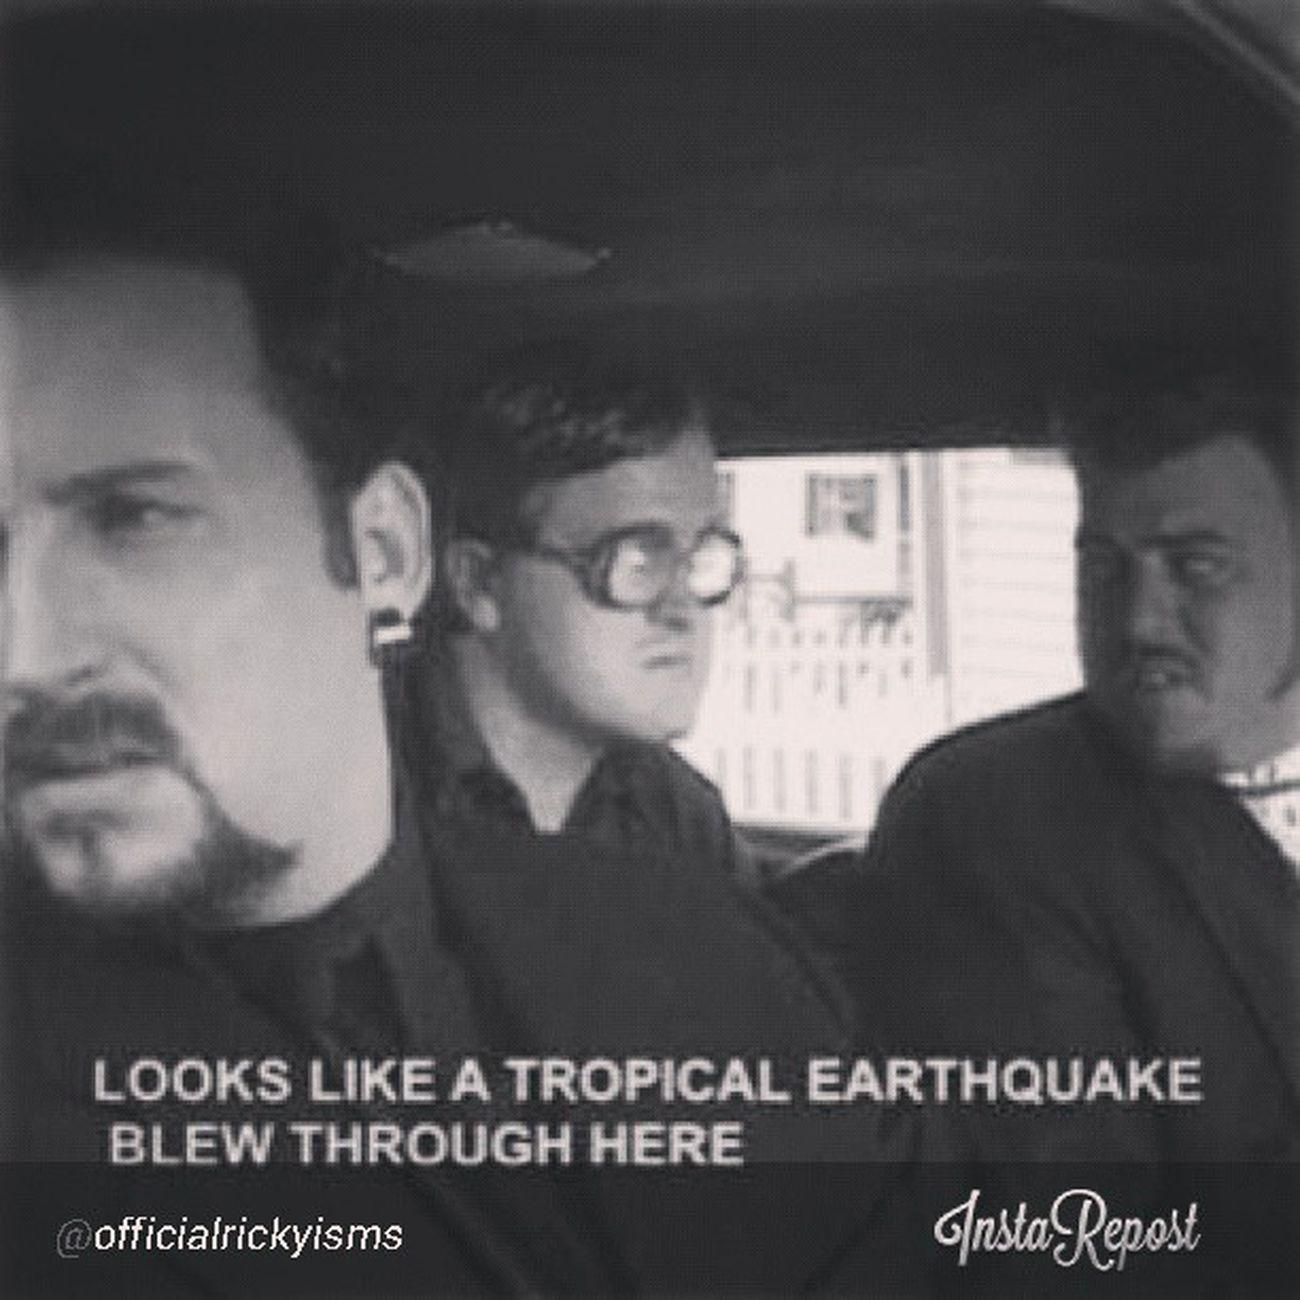 Tropicalearthquake Ricky TBP